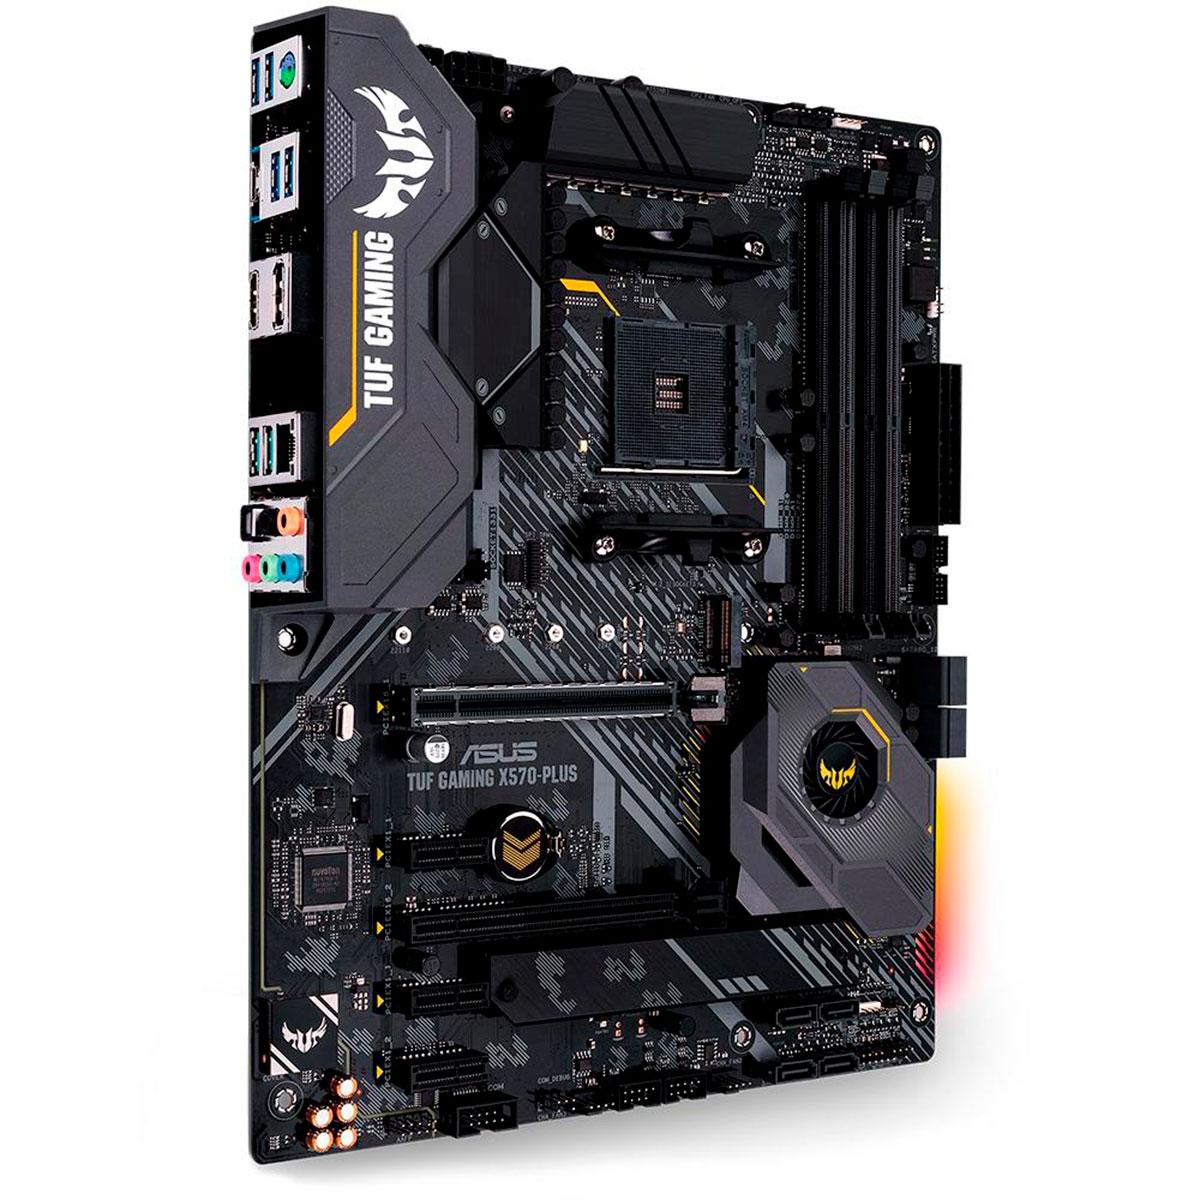 Placa Mãe Asus TUF Gaming X570-PLUS/BR, AMD Socket AM4, DDR4